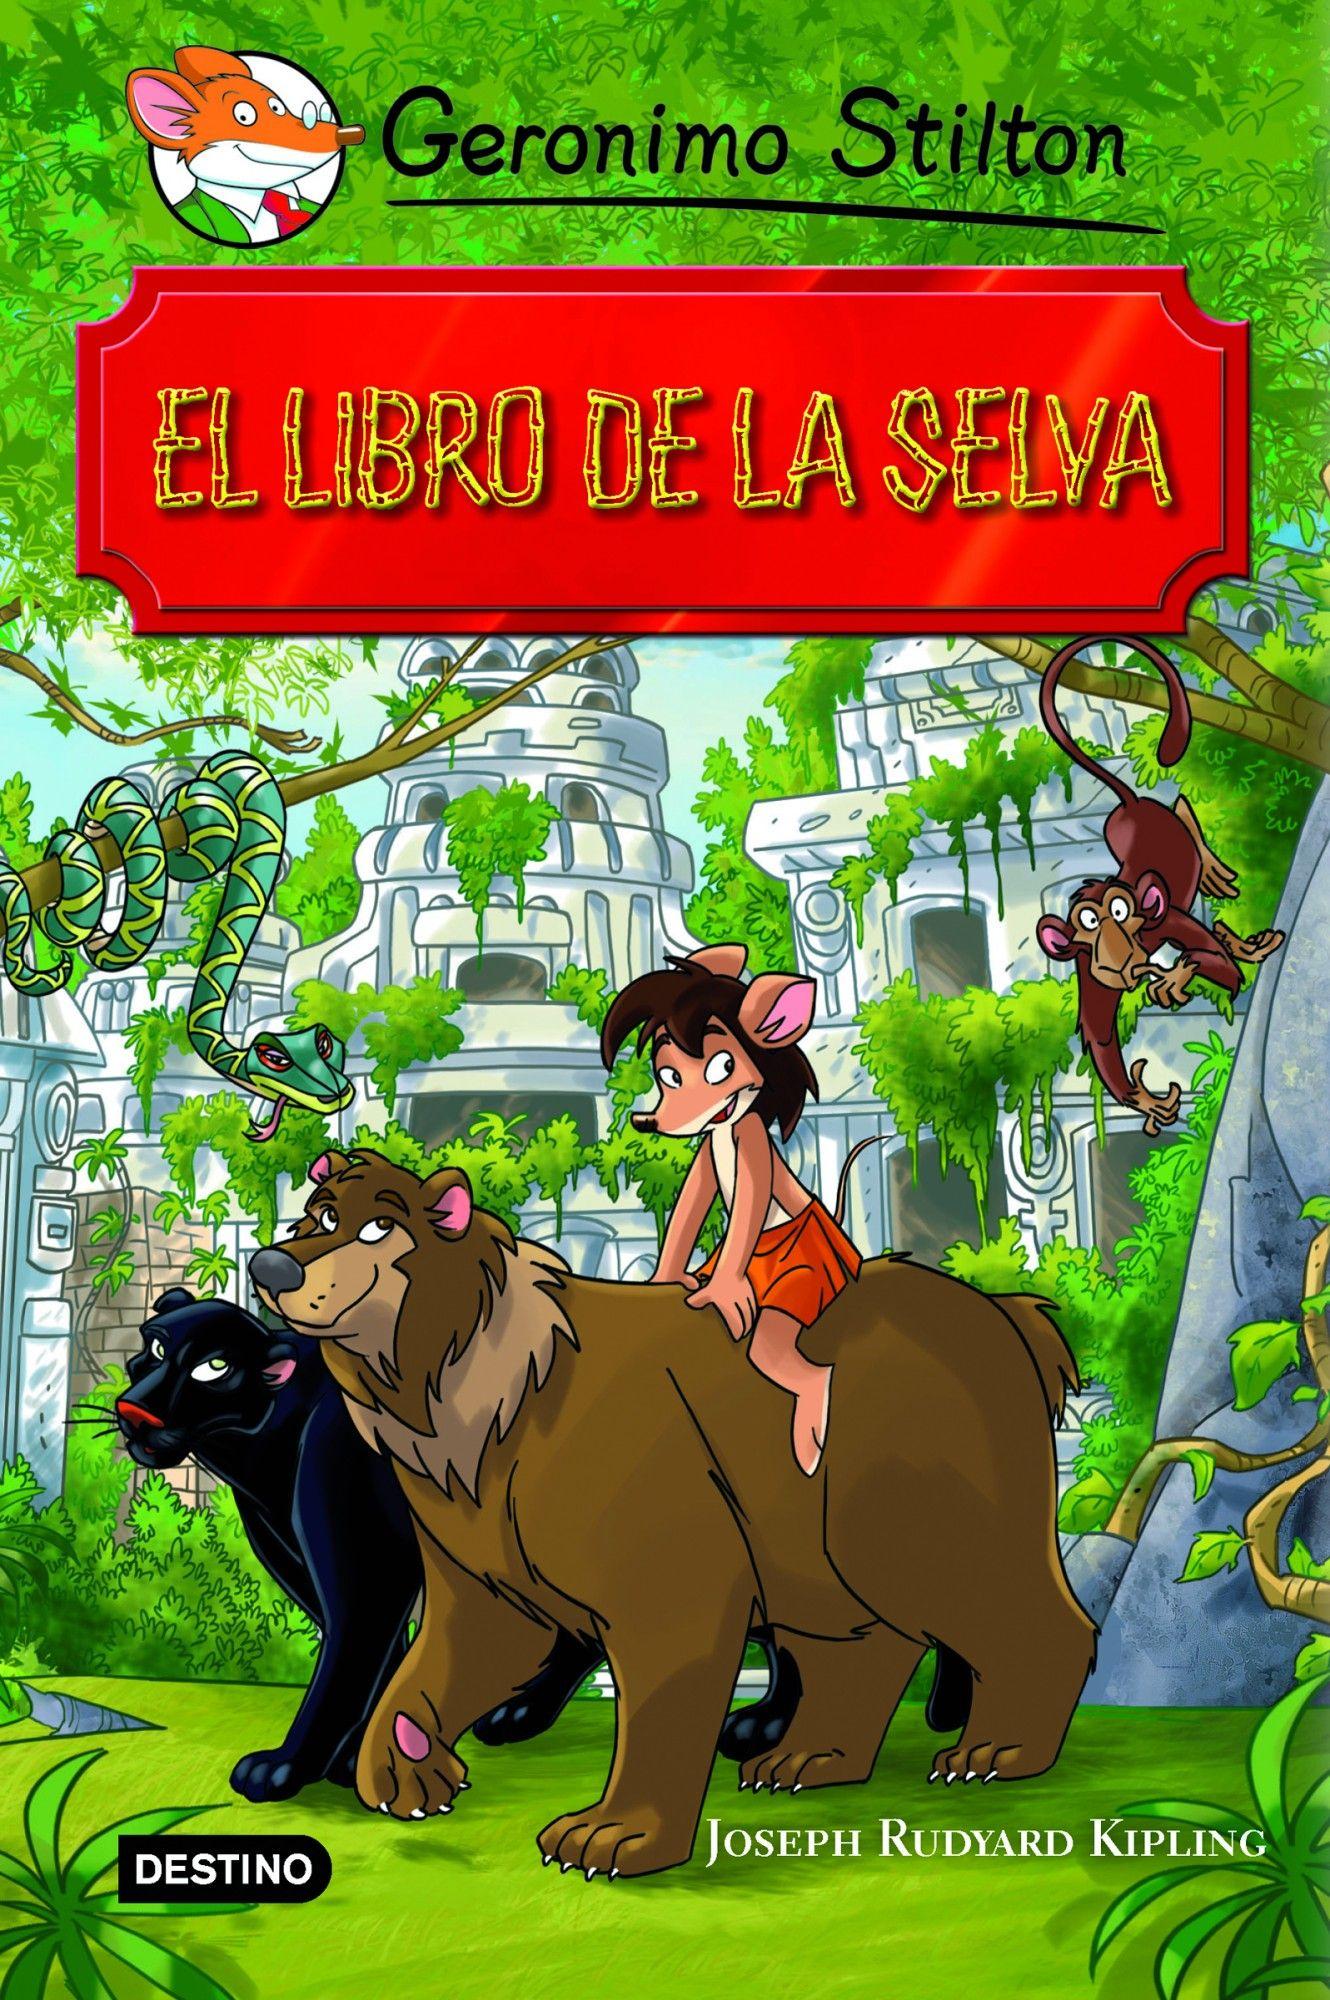 5dfaeb2f7 Libros De Harry Potter, El Libro De La Selva, Lecturas Para Niños, Cuentos